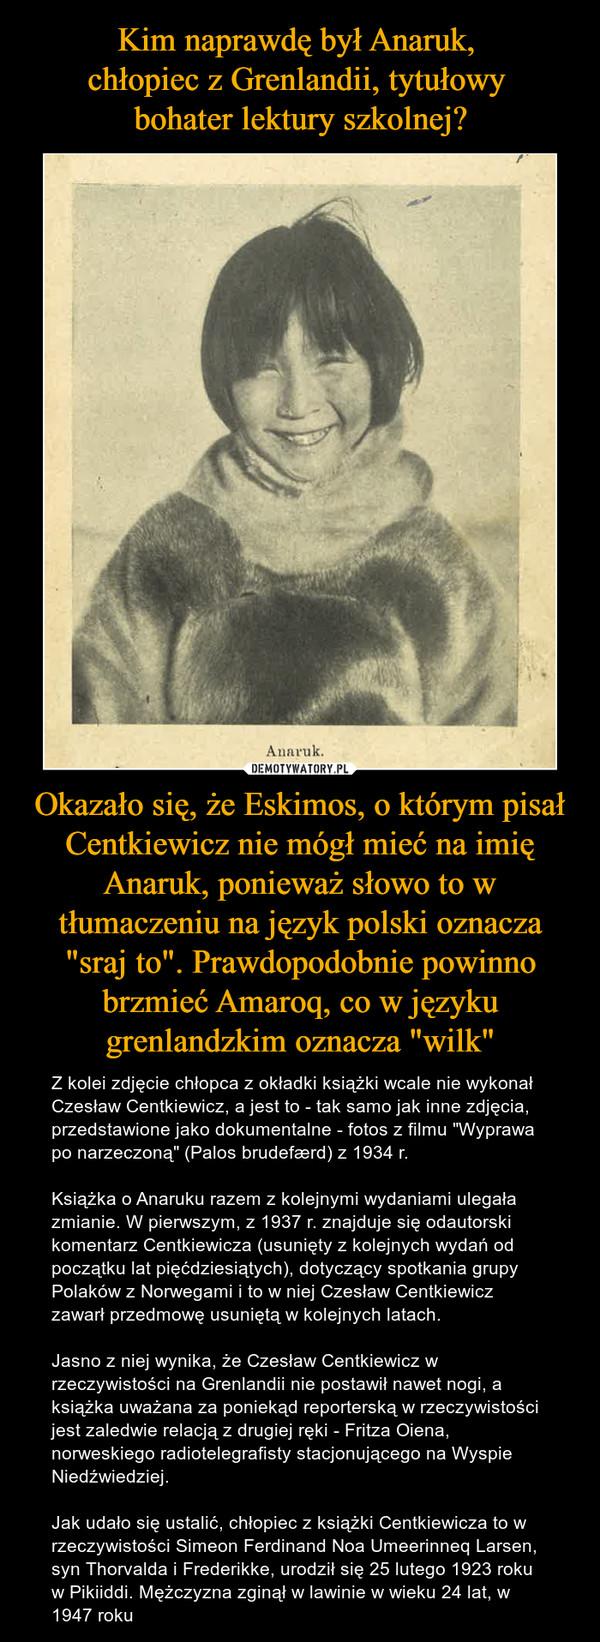 """Kim naprawdę był Anaruk,  chłopiec z Grenlandii, tytułowy  bohater lektury szkolnej? Okazało się, że Eskimos, o którym pisał Centkiewicz nie mógł mieć na imię Anaruk, ponieważ słowo to w tłumaczeniu na język polski oznacza """"sraj to"""". Prawdopodobnie powinno brzmieć Amaroq, co w języku grenlandzkim oznacza """"wilk"""""""